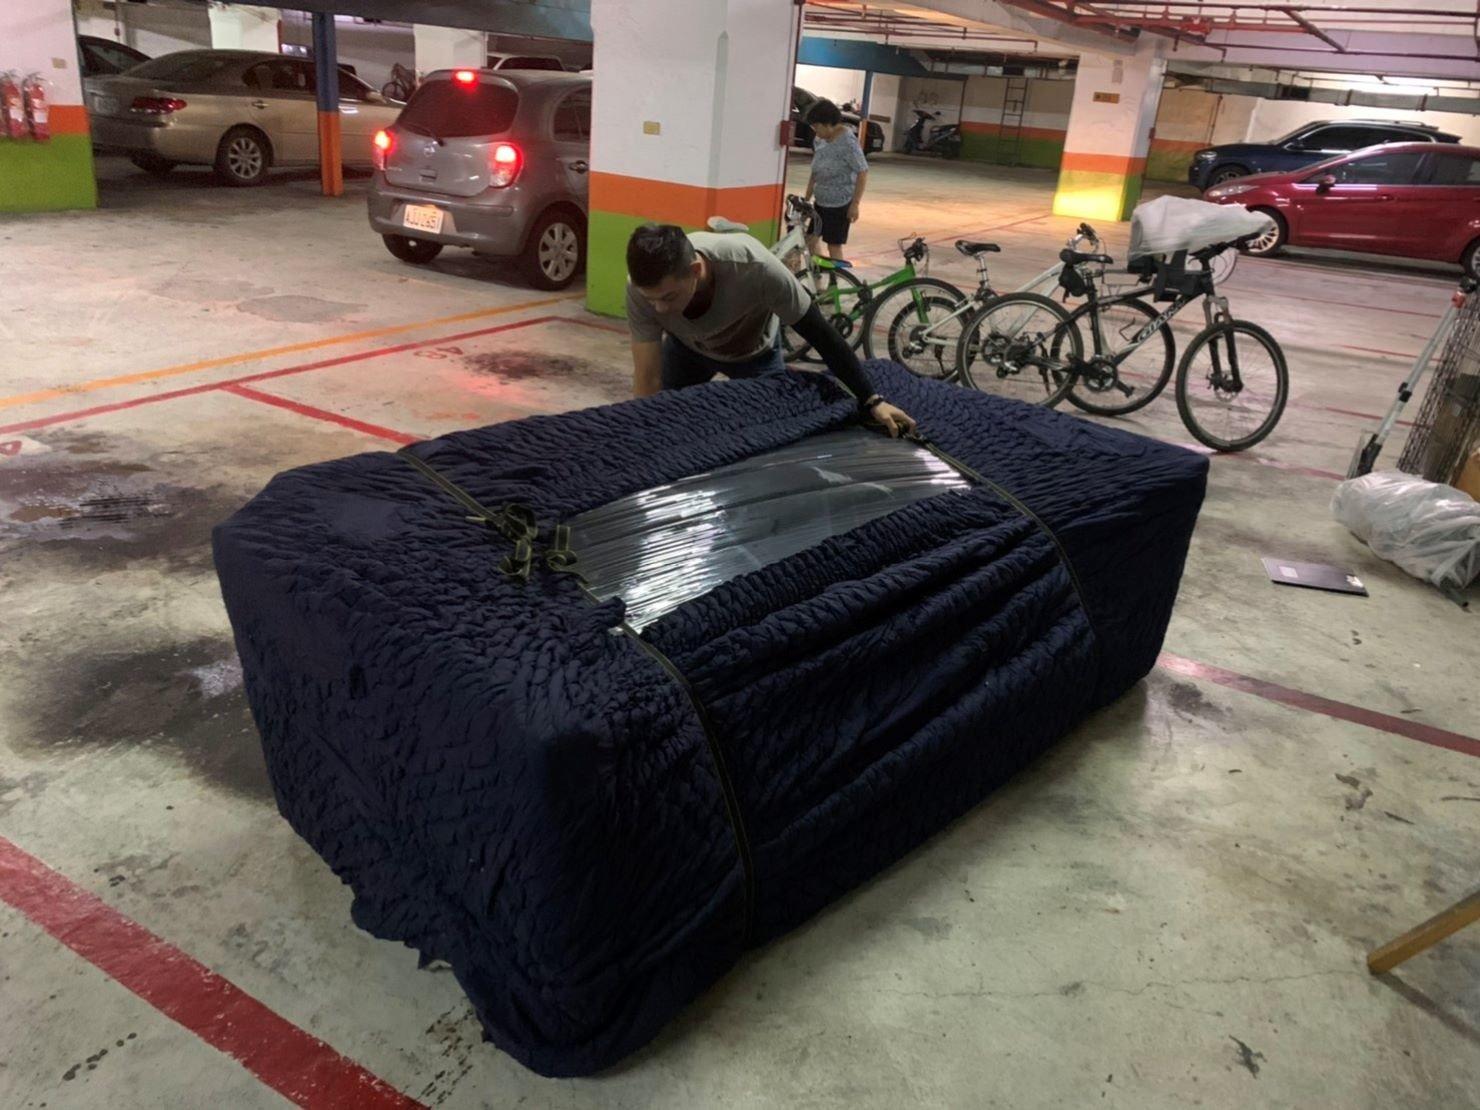 搬家推薦【榮福搬家】搬家口碑第一、台北搬家、新北搬家:3人座大沙發以膠膜、布套做包裝防護處理,避免吊掛搬運過程磨損、沾汙。